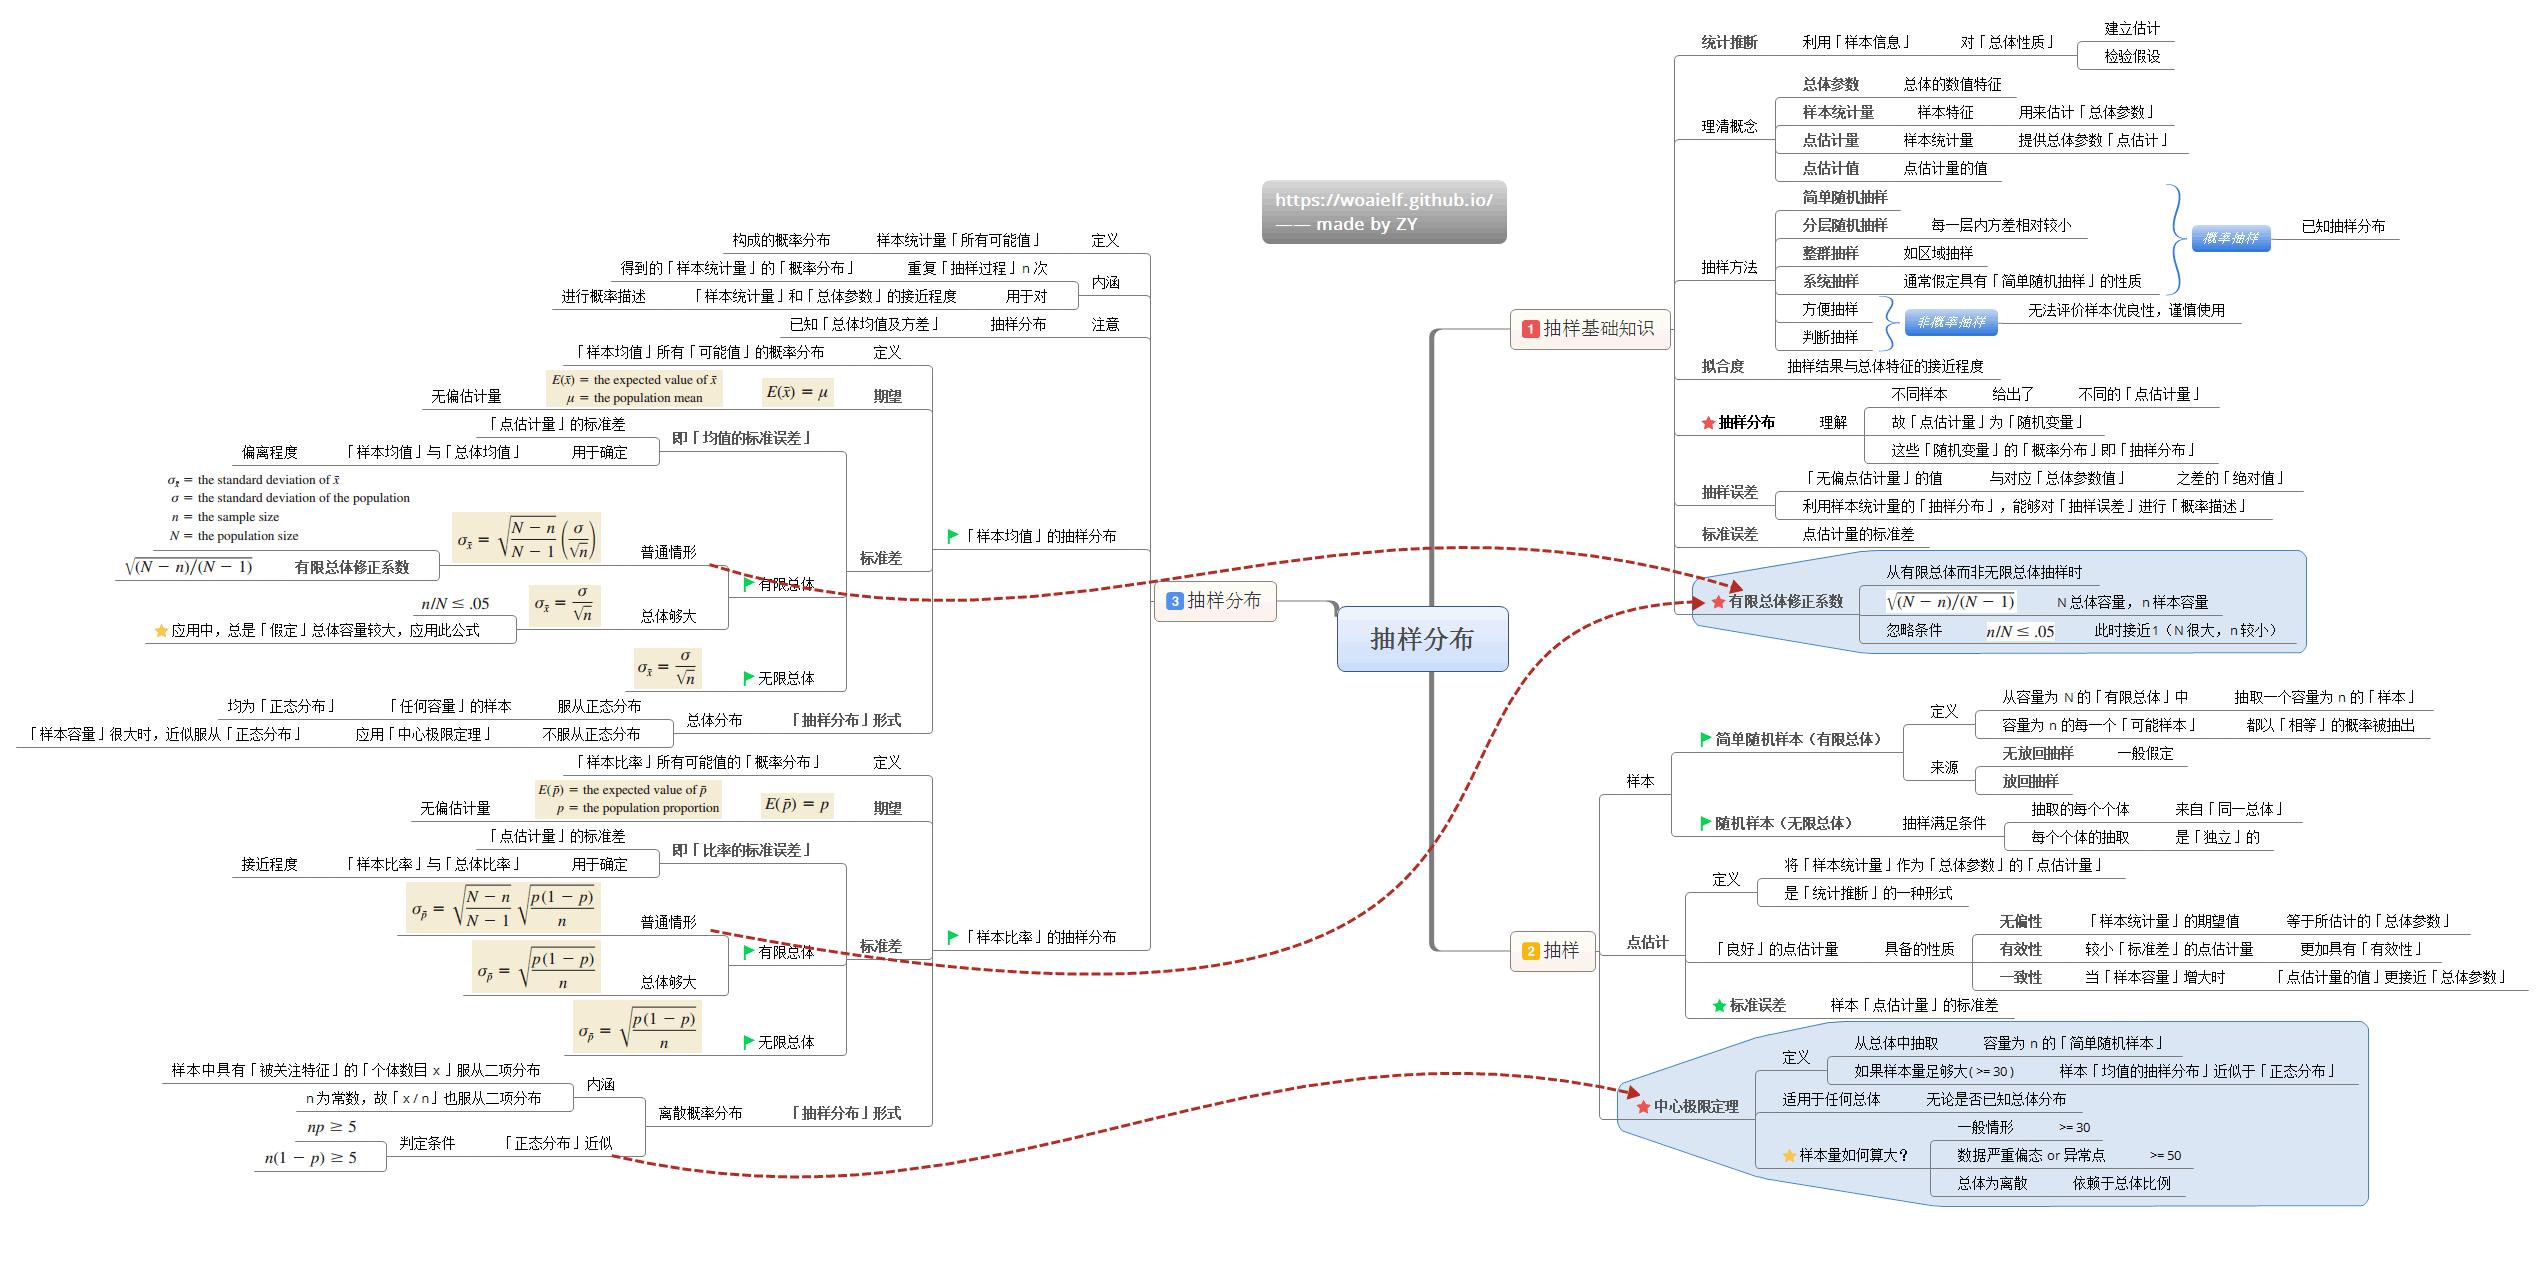 5-抽样分布.png